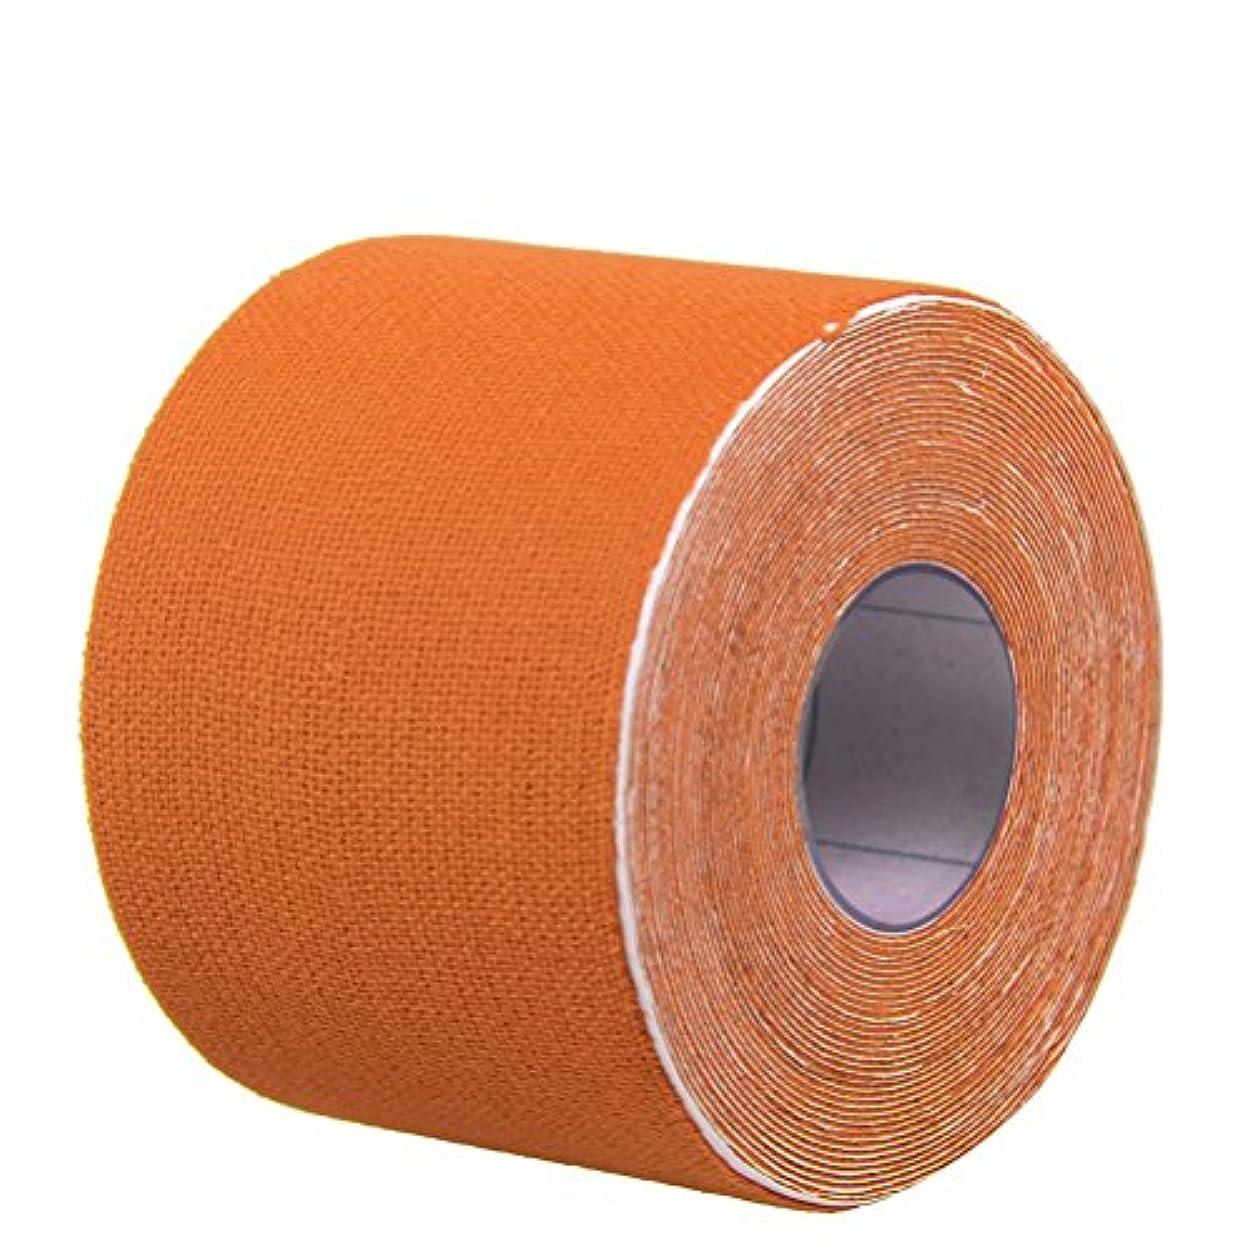 ミット学校の先生部屋を掃除するROSENICE キネシオロジーテープセットセラピースポーツフィジオセラピー500x2.5cm(オレンジ)